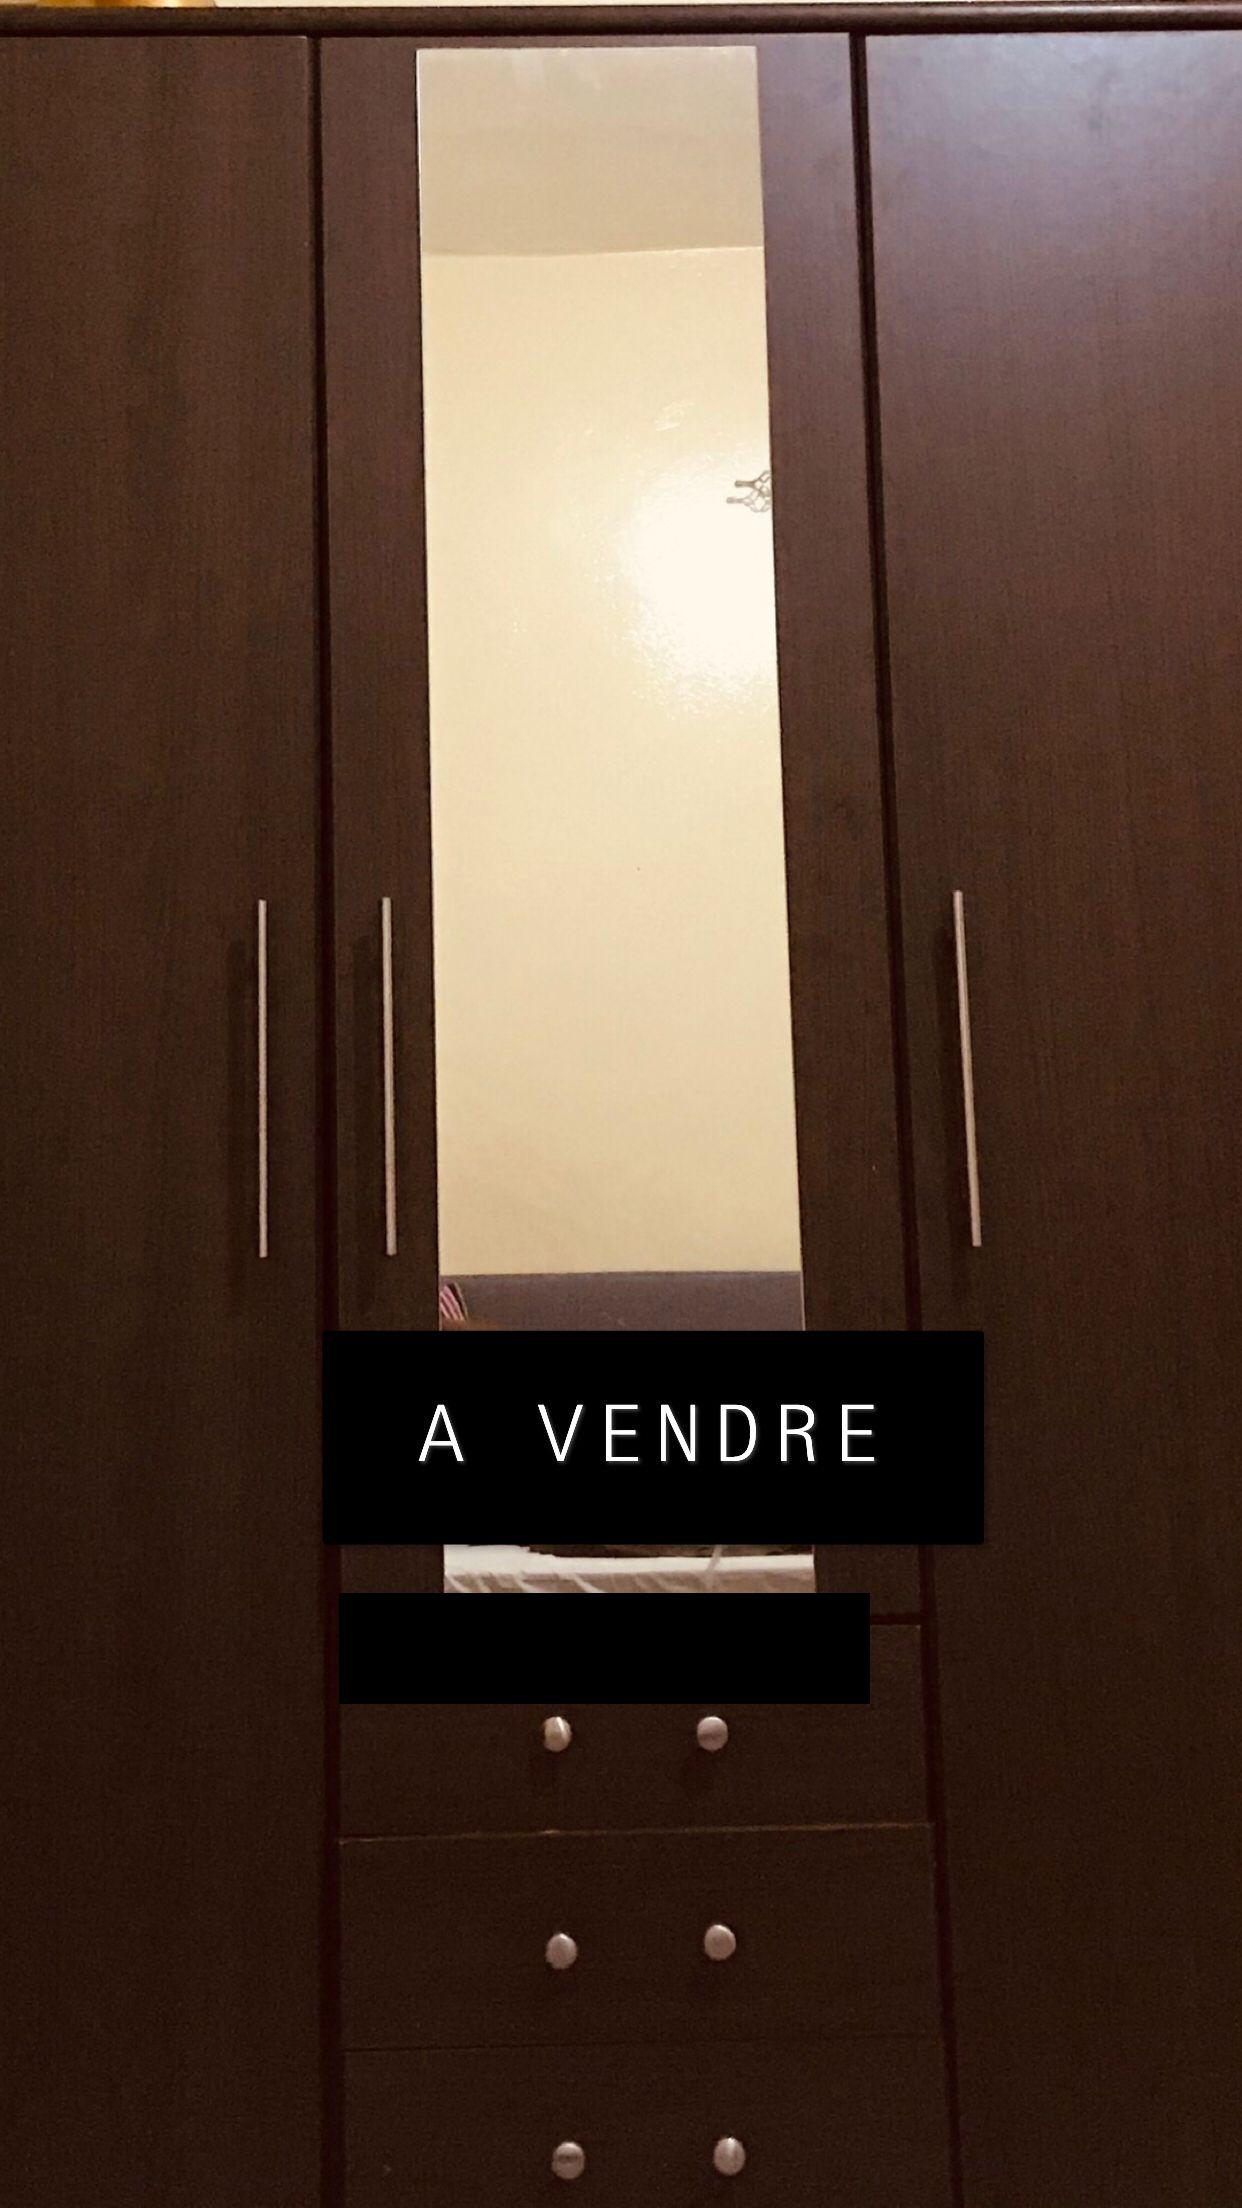 Armoire Bonjour Vendre Armoire 3 Battants Vendre Avec Miroir Deuxi Me Main Merci De Me Contacter Kebetu Dakar Senegal Armoire Miroir A Vendre